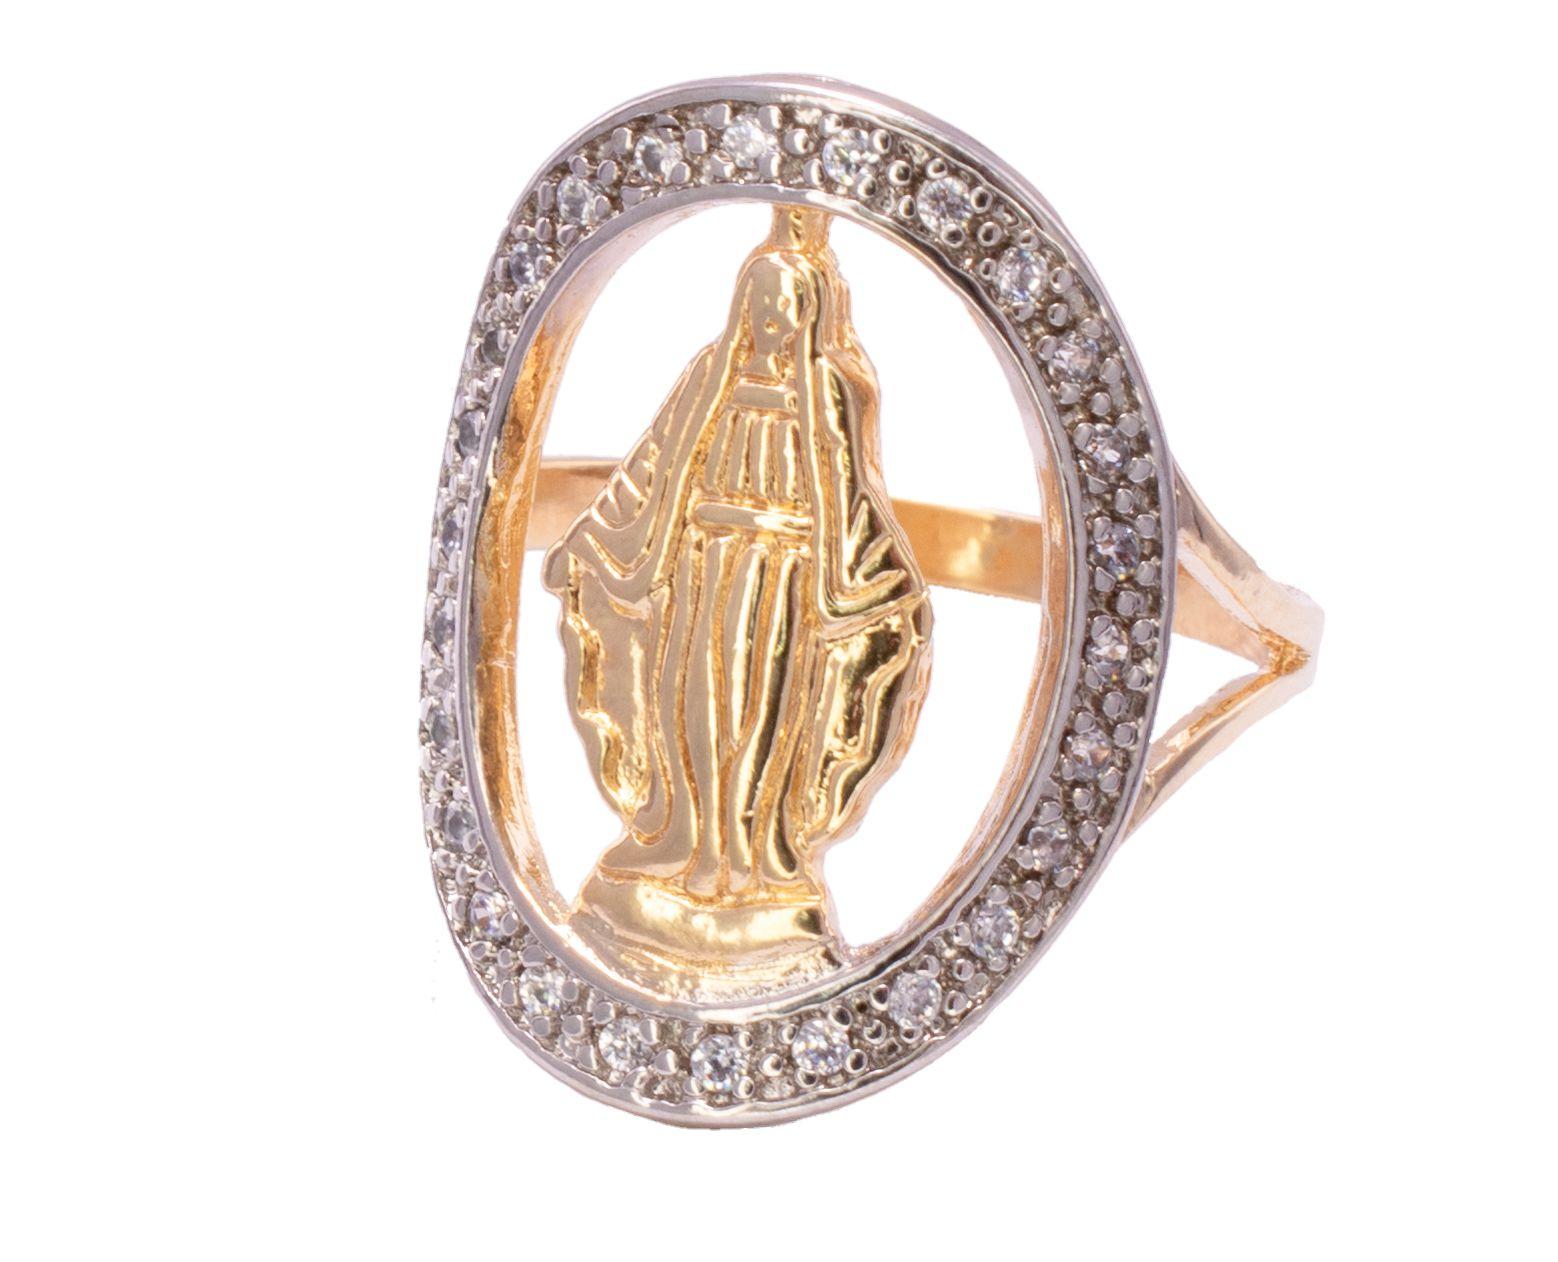 Anel Nossa Senhora das Graças Cravejado em Zircônias Folheado em Ouro 18k